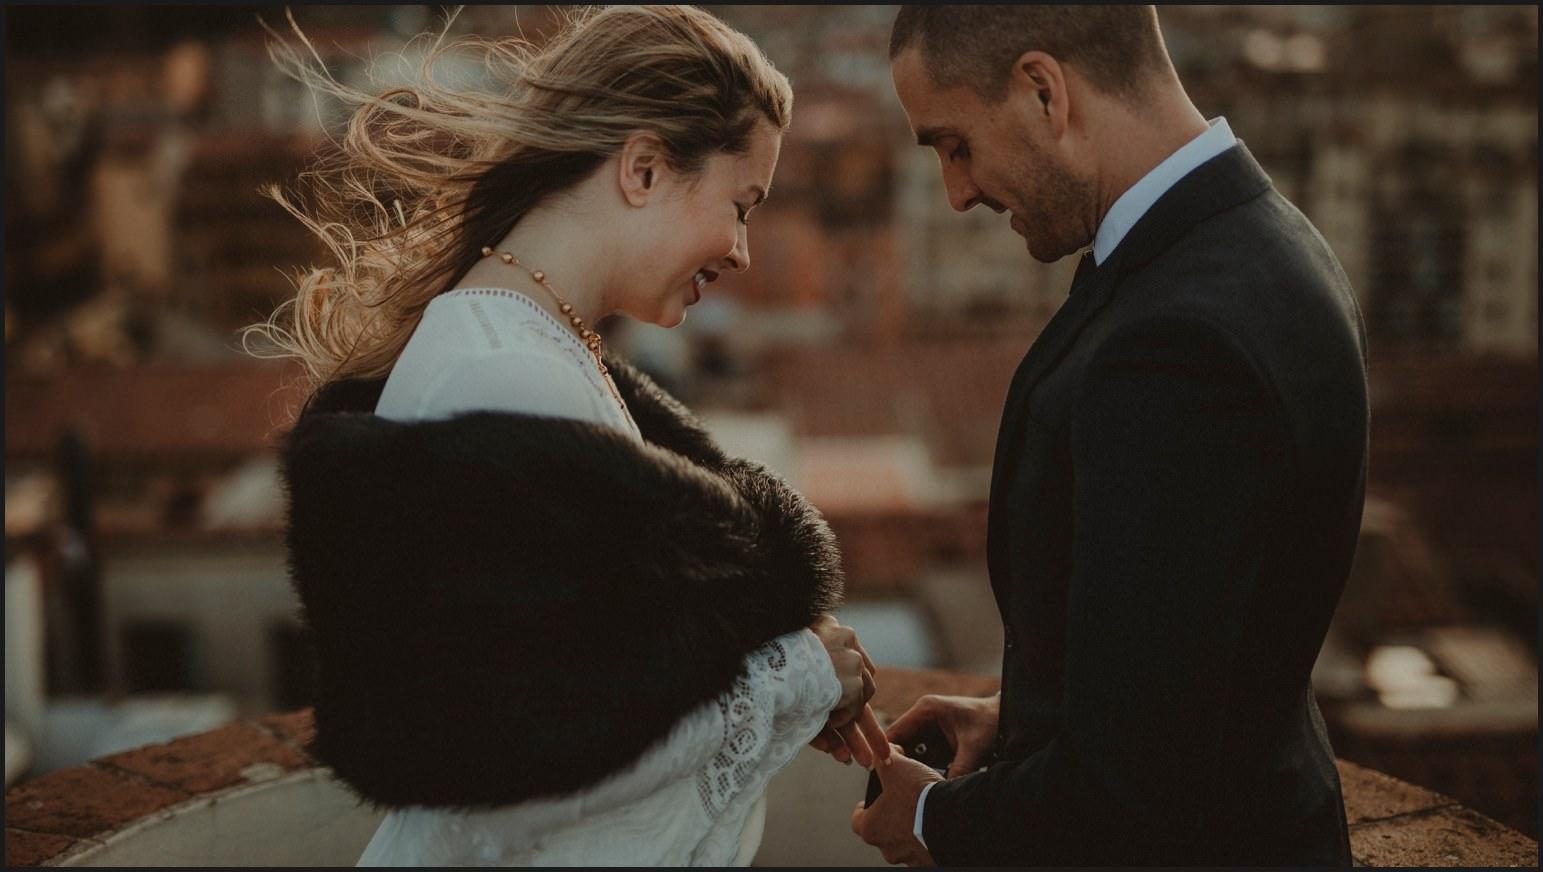 bride, groom, wedding rings, elopement